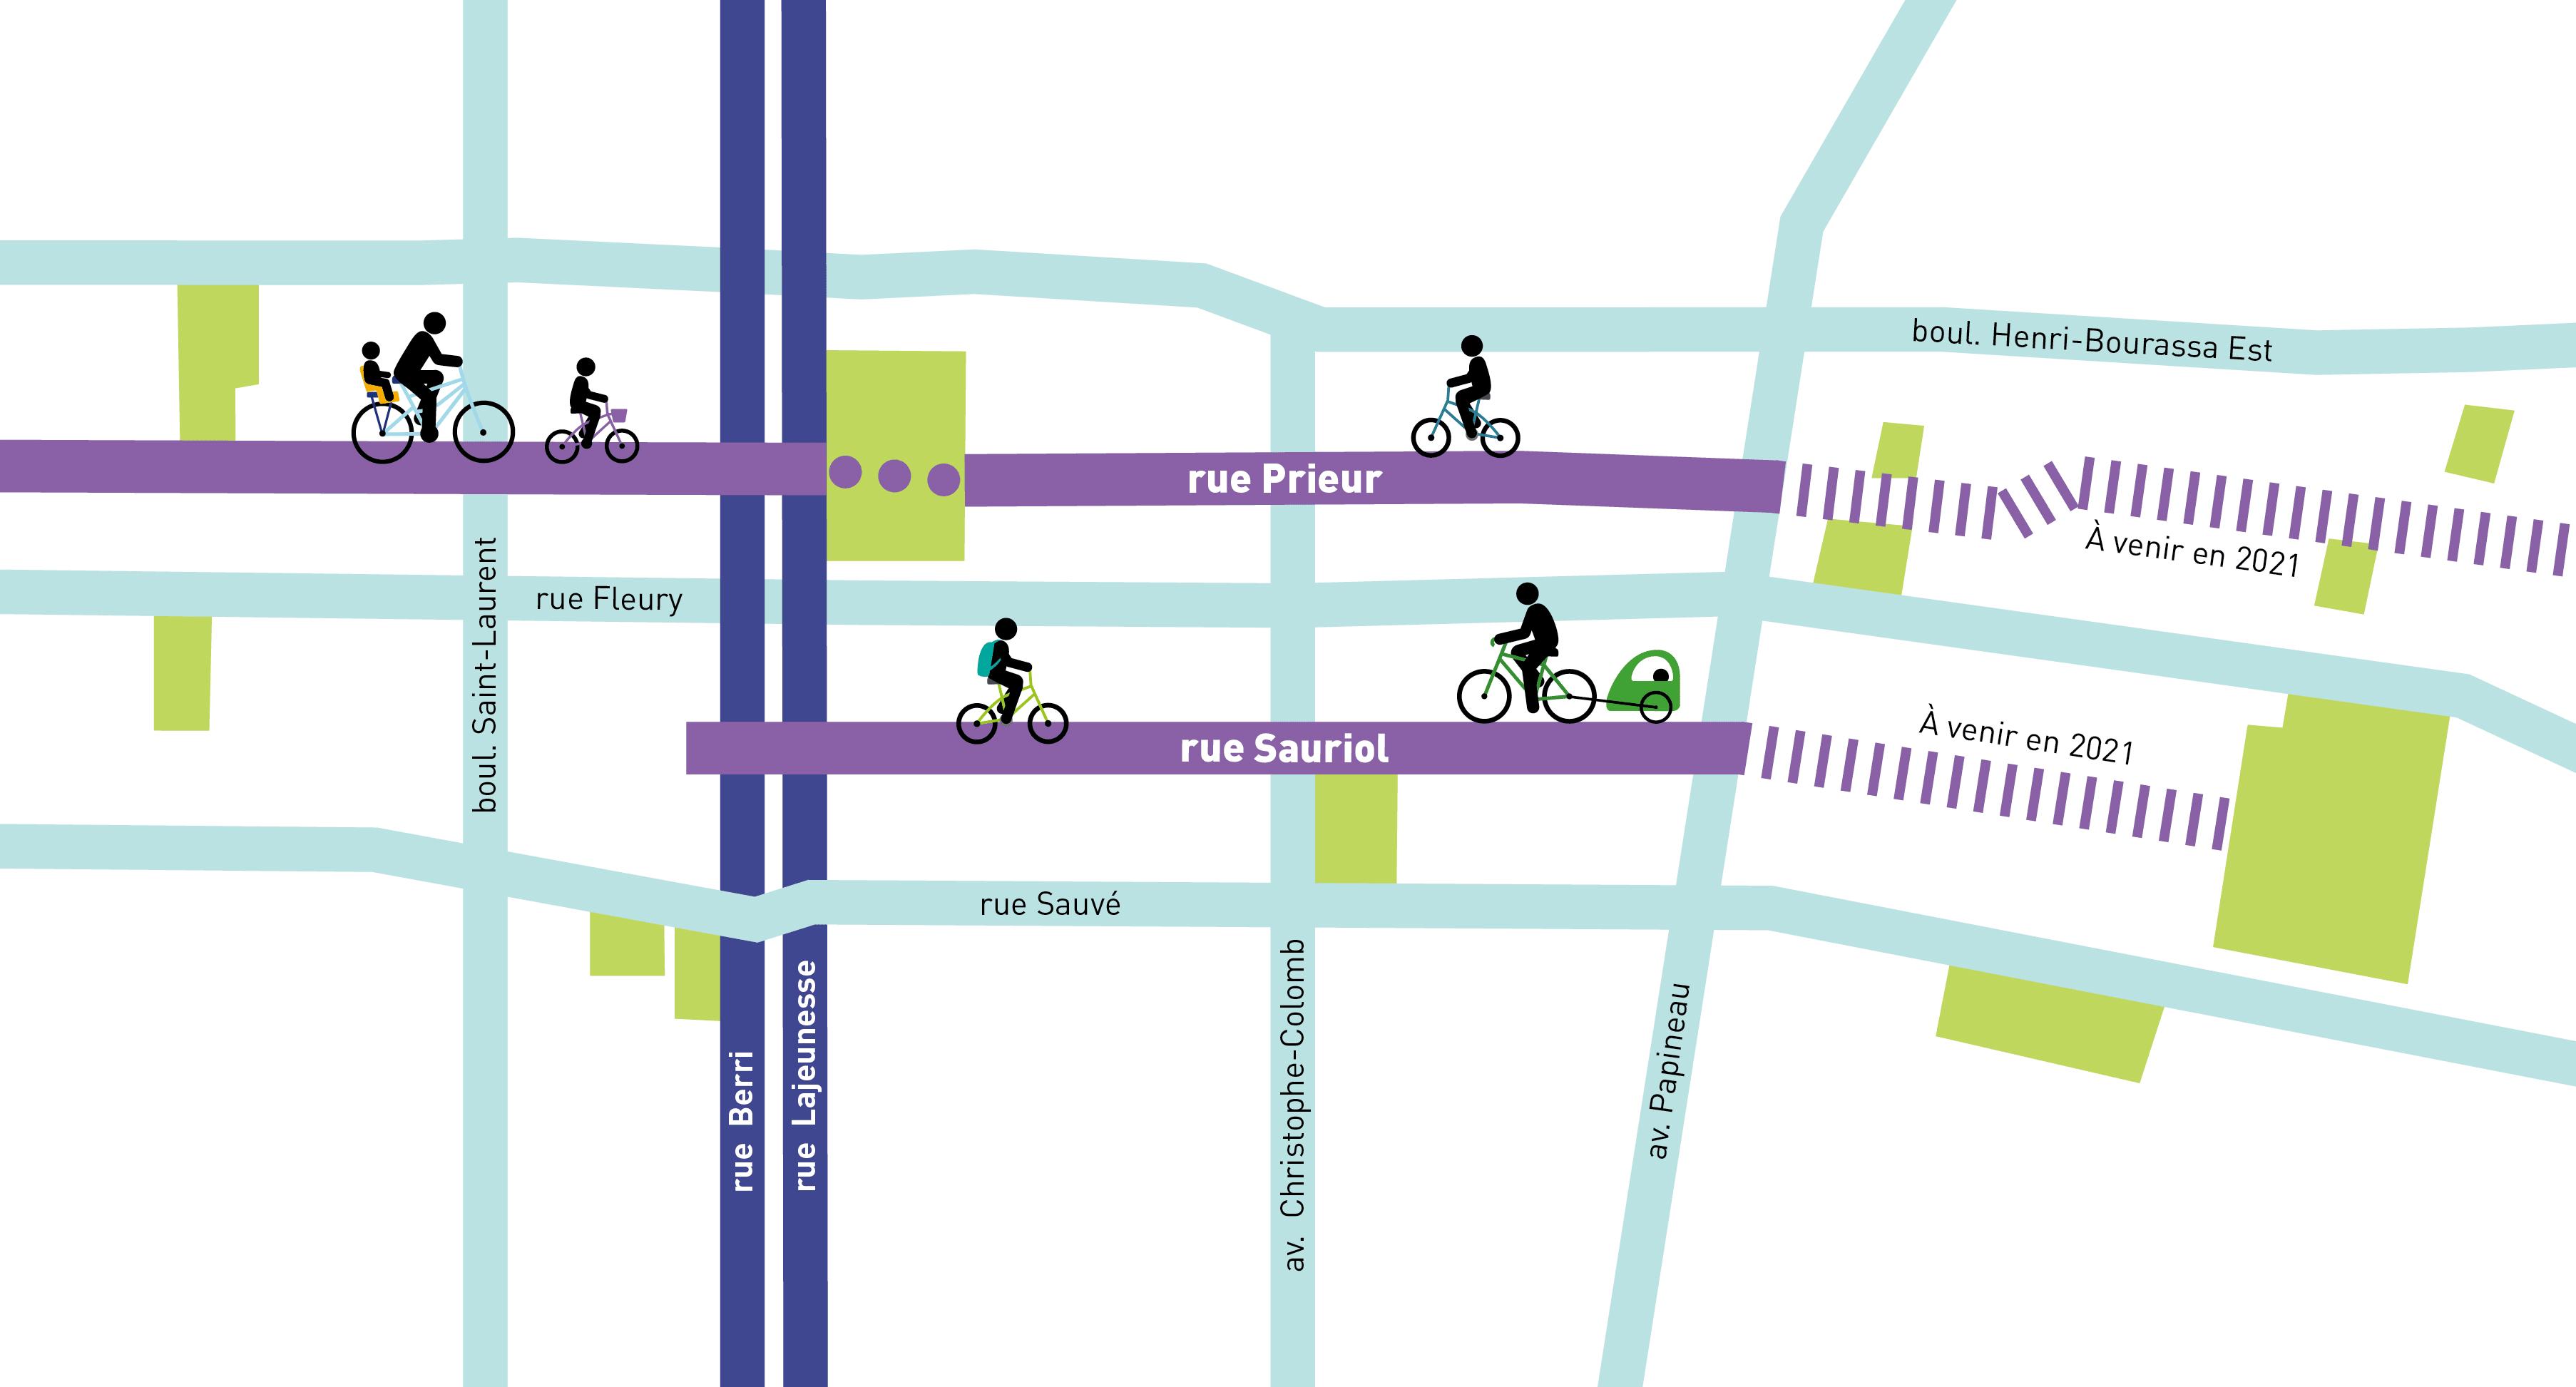 carte illustrant la localisation des pistes cyclables sur les rues Prieur et Sauriol à l'ouest de l'av. Papineau réalisées en 2020